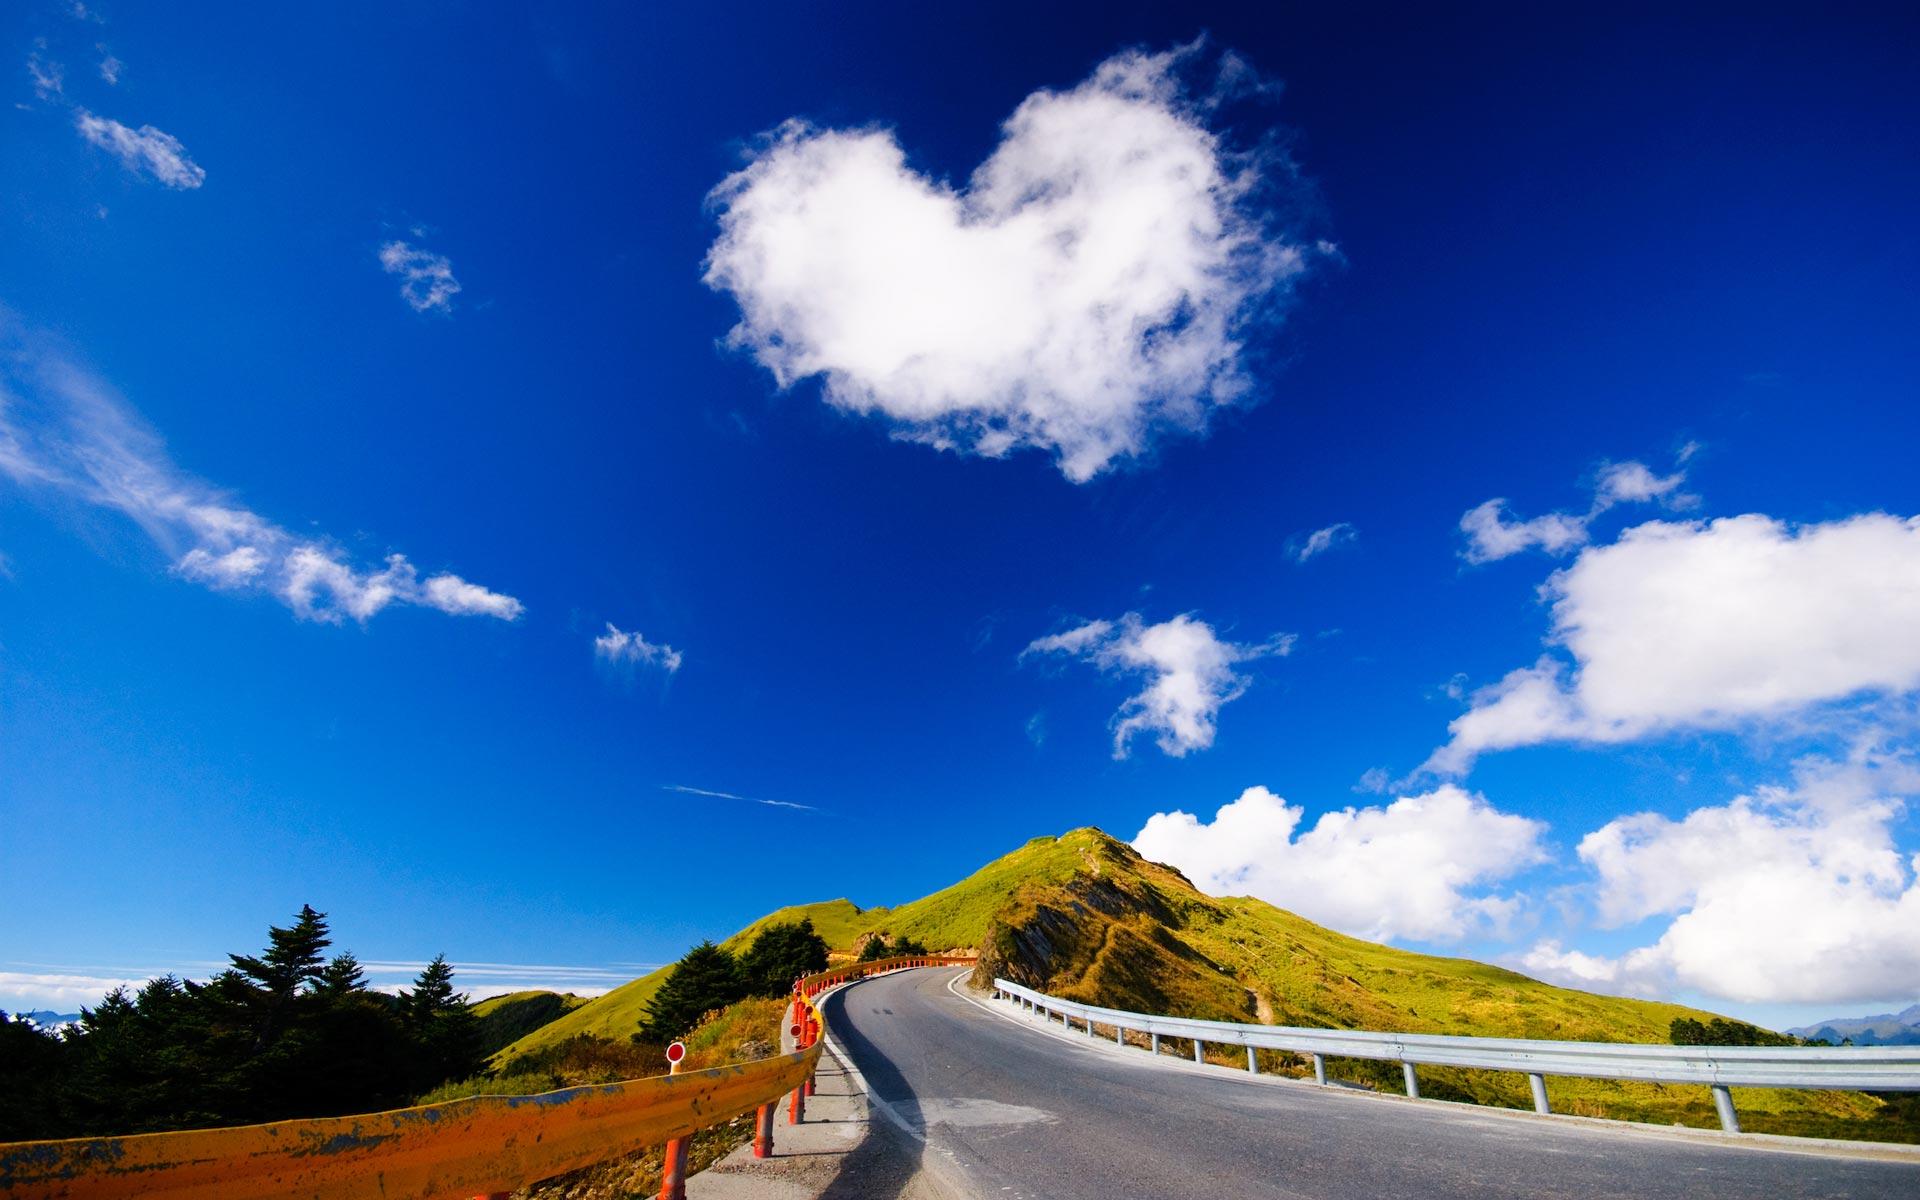 صور قلوب وحب ورومانسية وصورة قلب HD  (3)